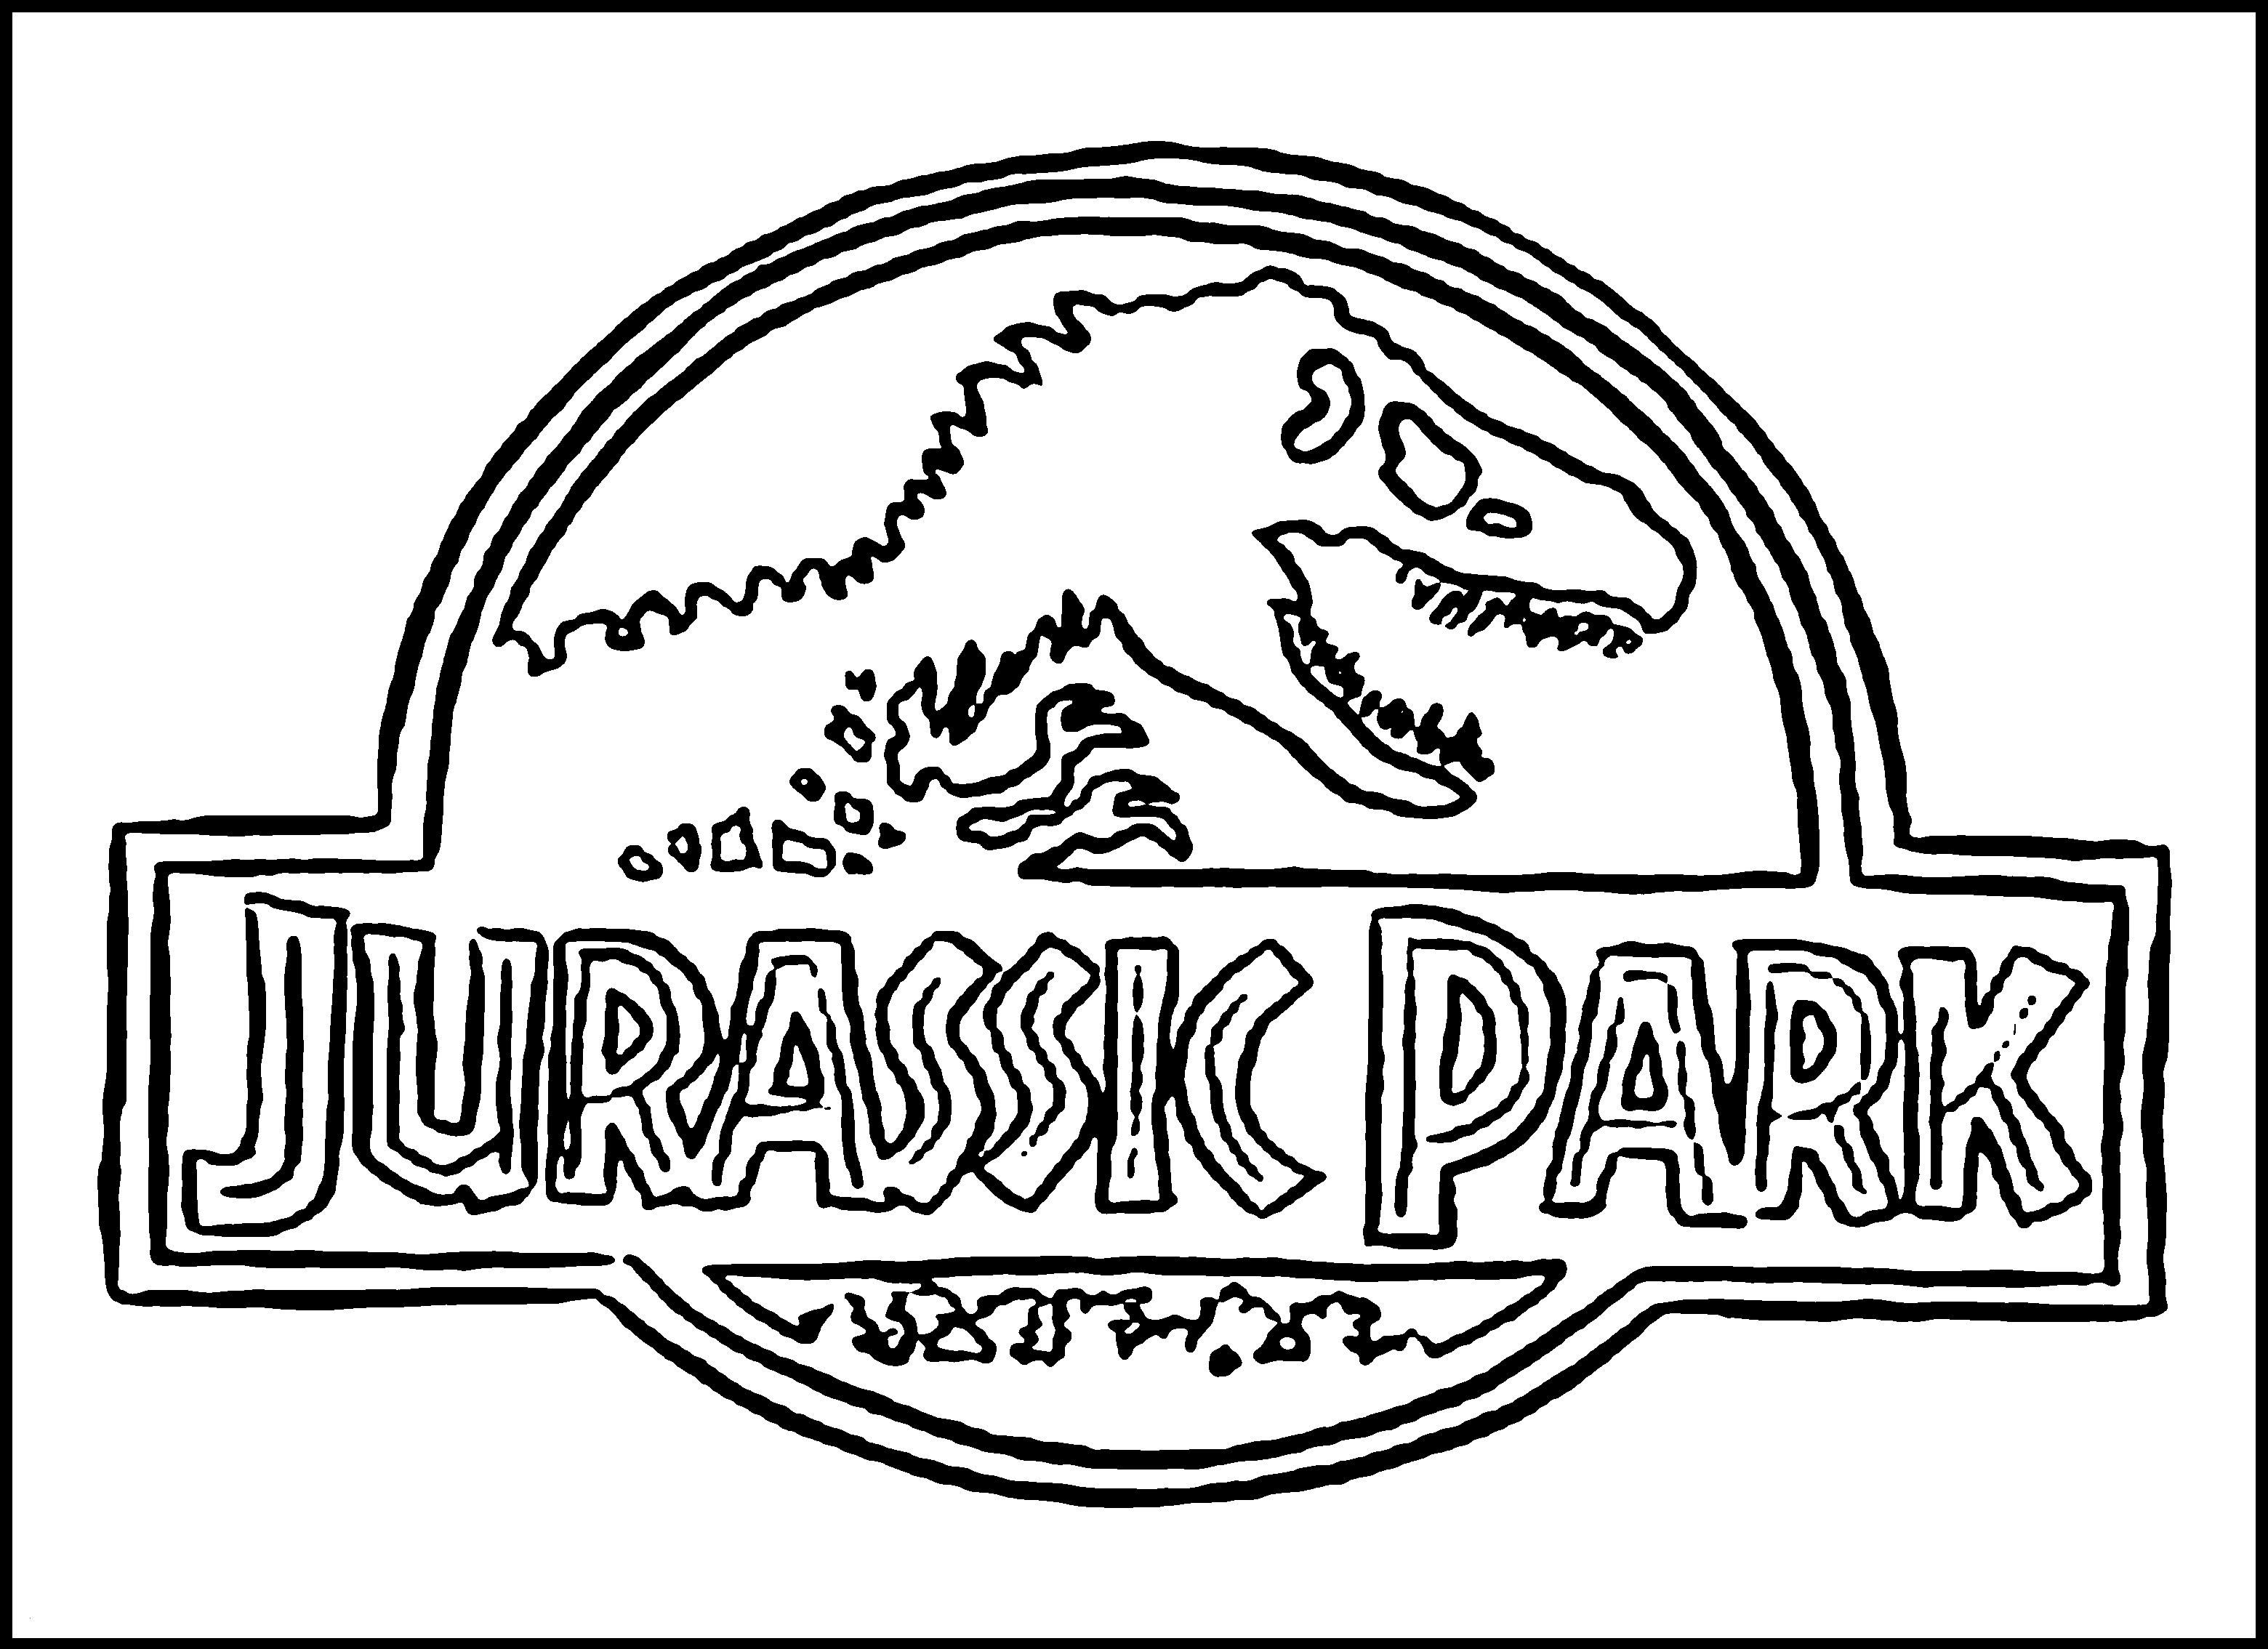 Jurassic World Ausmalbilder Neu Ausmalbilder Jurassic World Schön Spinosaurus Ausmalbilder – Neu Bild